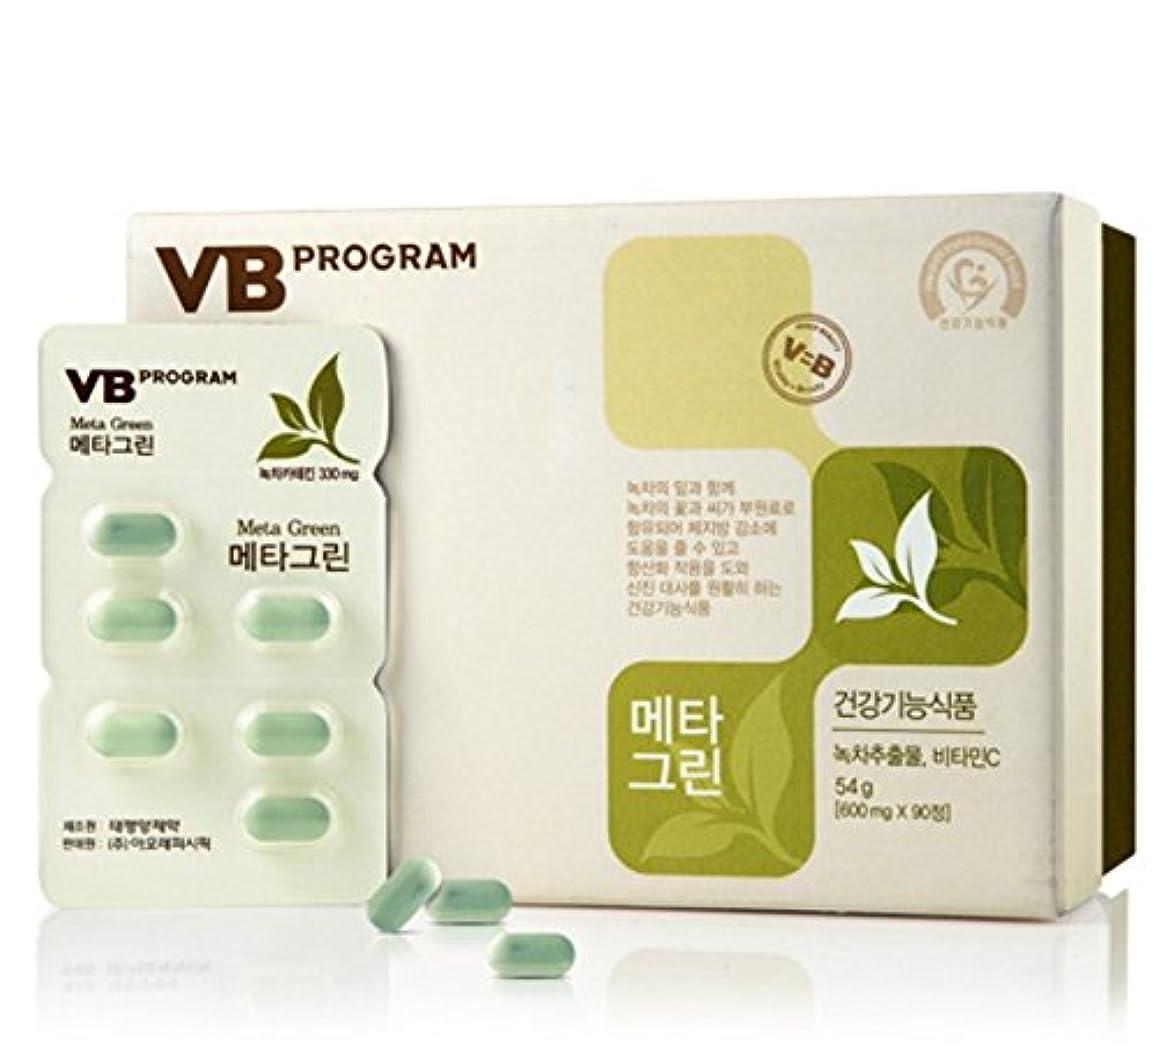 クリーナープログラム疑問を超えてVb Program Meta Green 600mg X 90 Pills 54g for Women Weight Control Green Tea[並行輸入品]